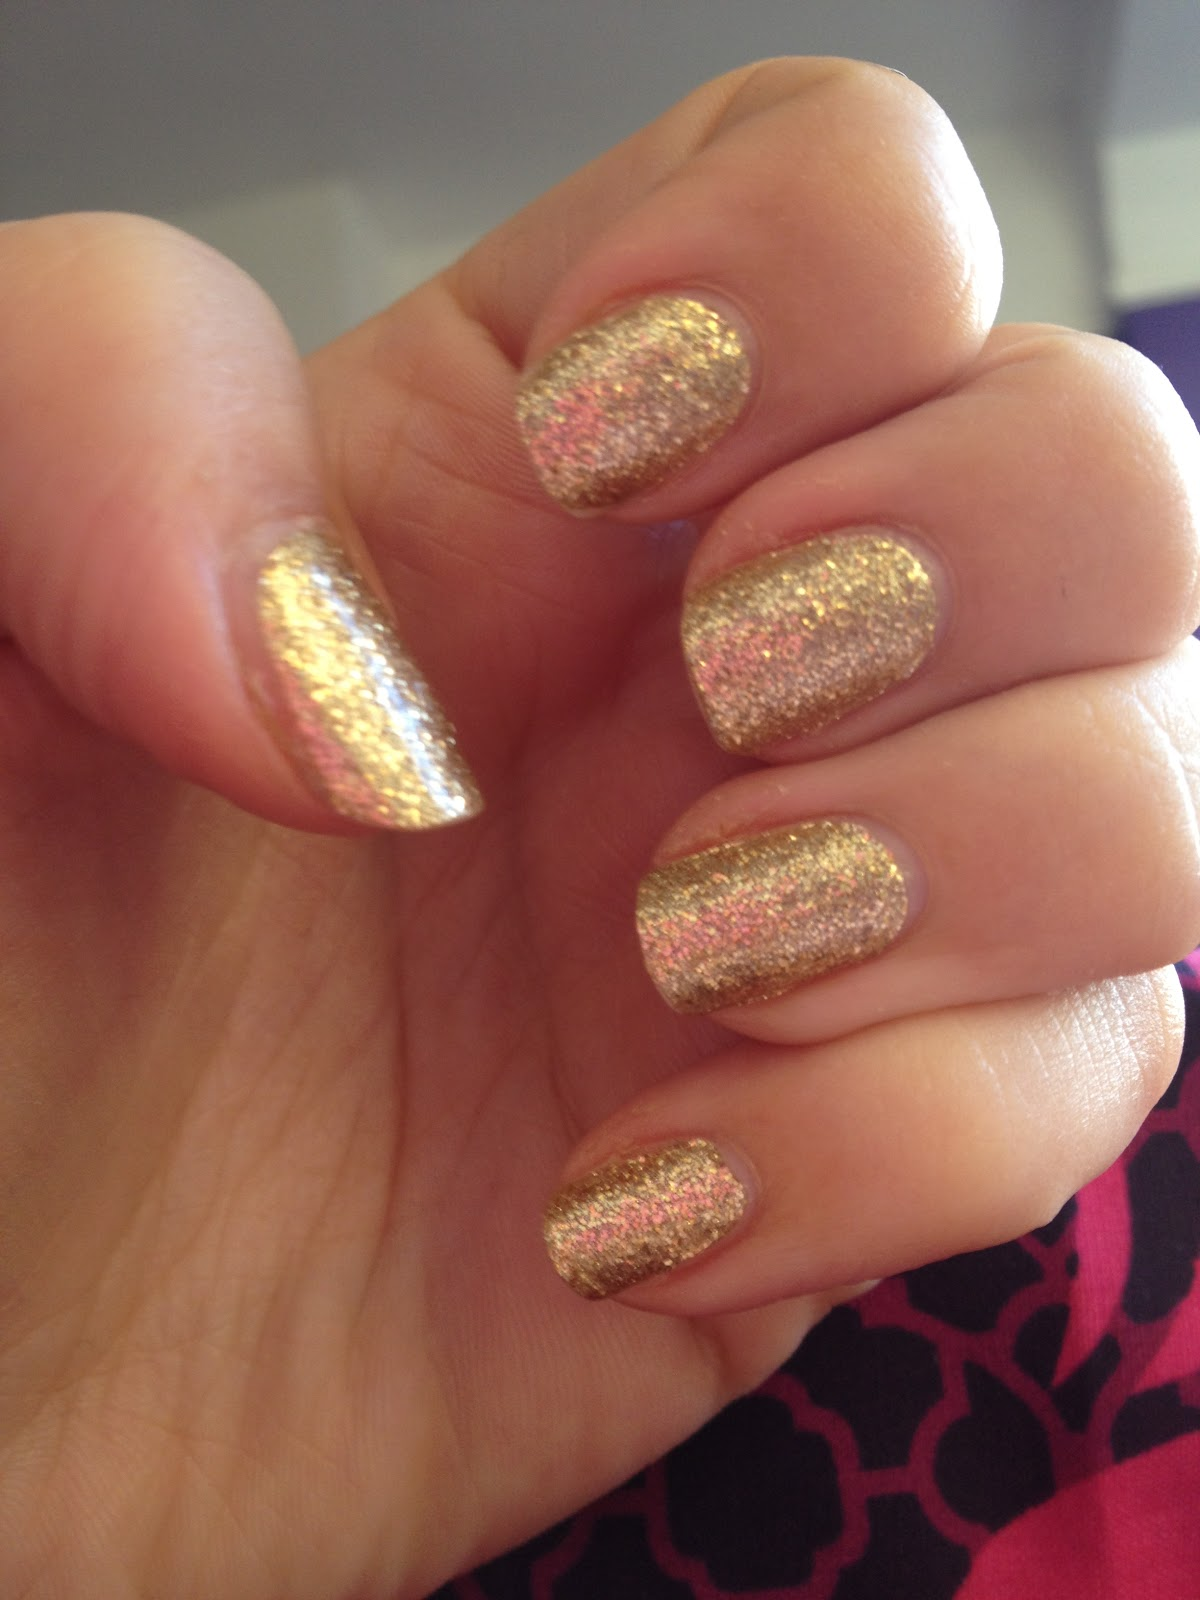 http://1.bp.blogspot.com/-0cMD_jJ5mMM/Tu0XwTRf12I/AAAAAAAAEZs/2P1TWZs0OPE/s1600/sally+hansen+nail+strips+wraps+gold+glitter+review+%25287%2529.JPG